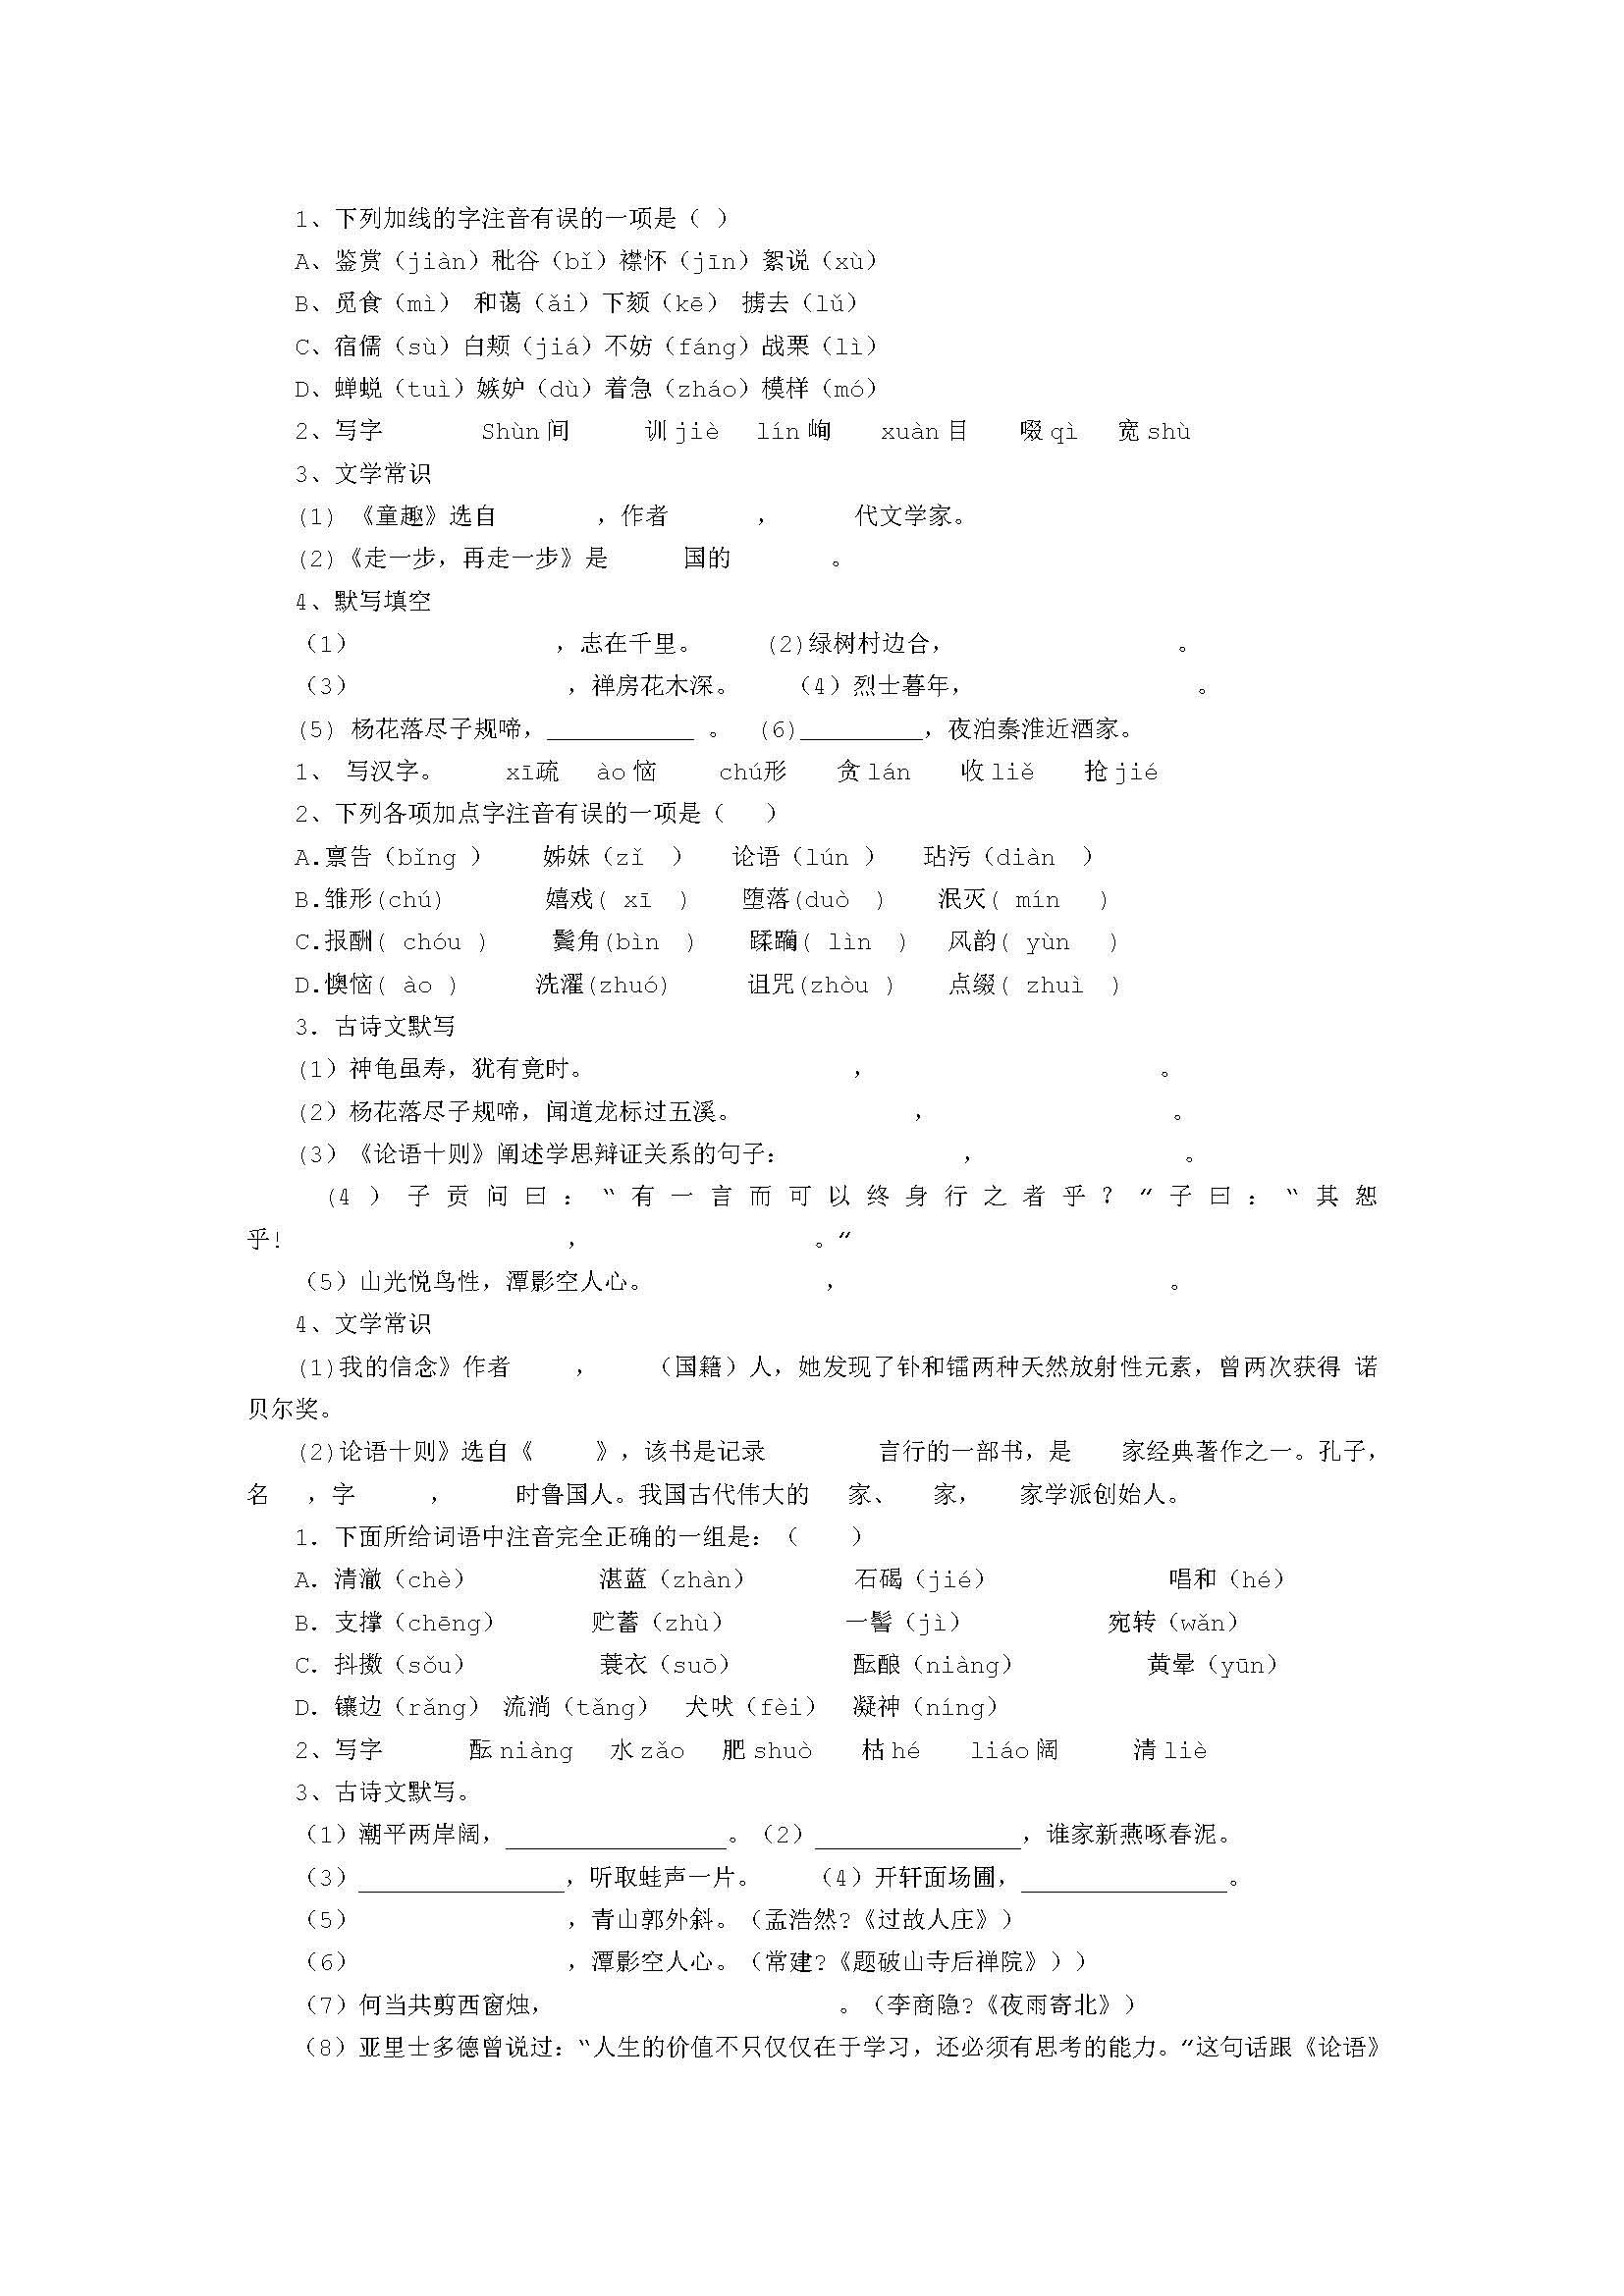 人教版2017七年级语文上册期末复习题含答案(杭六中)